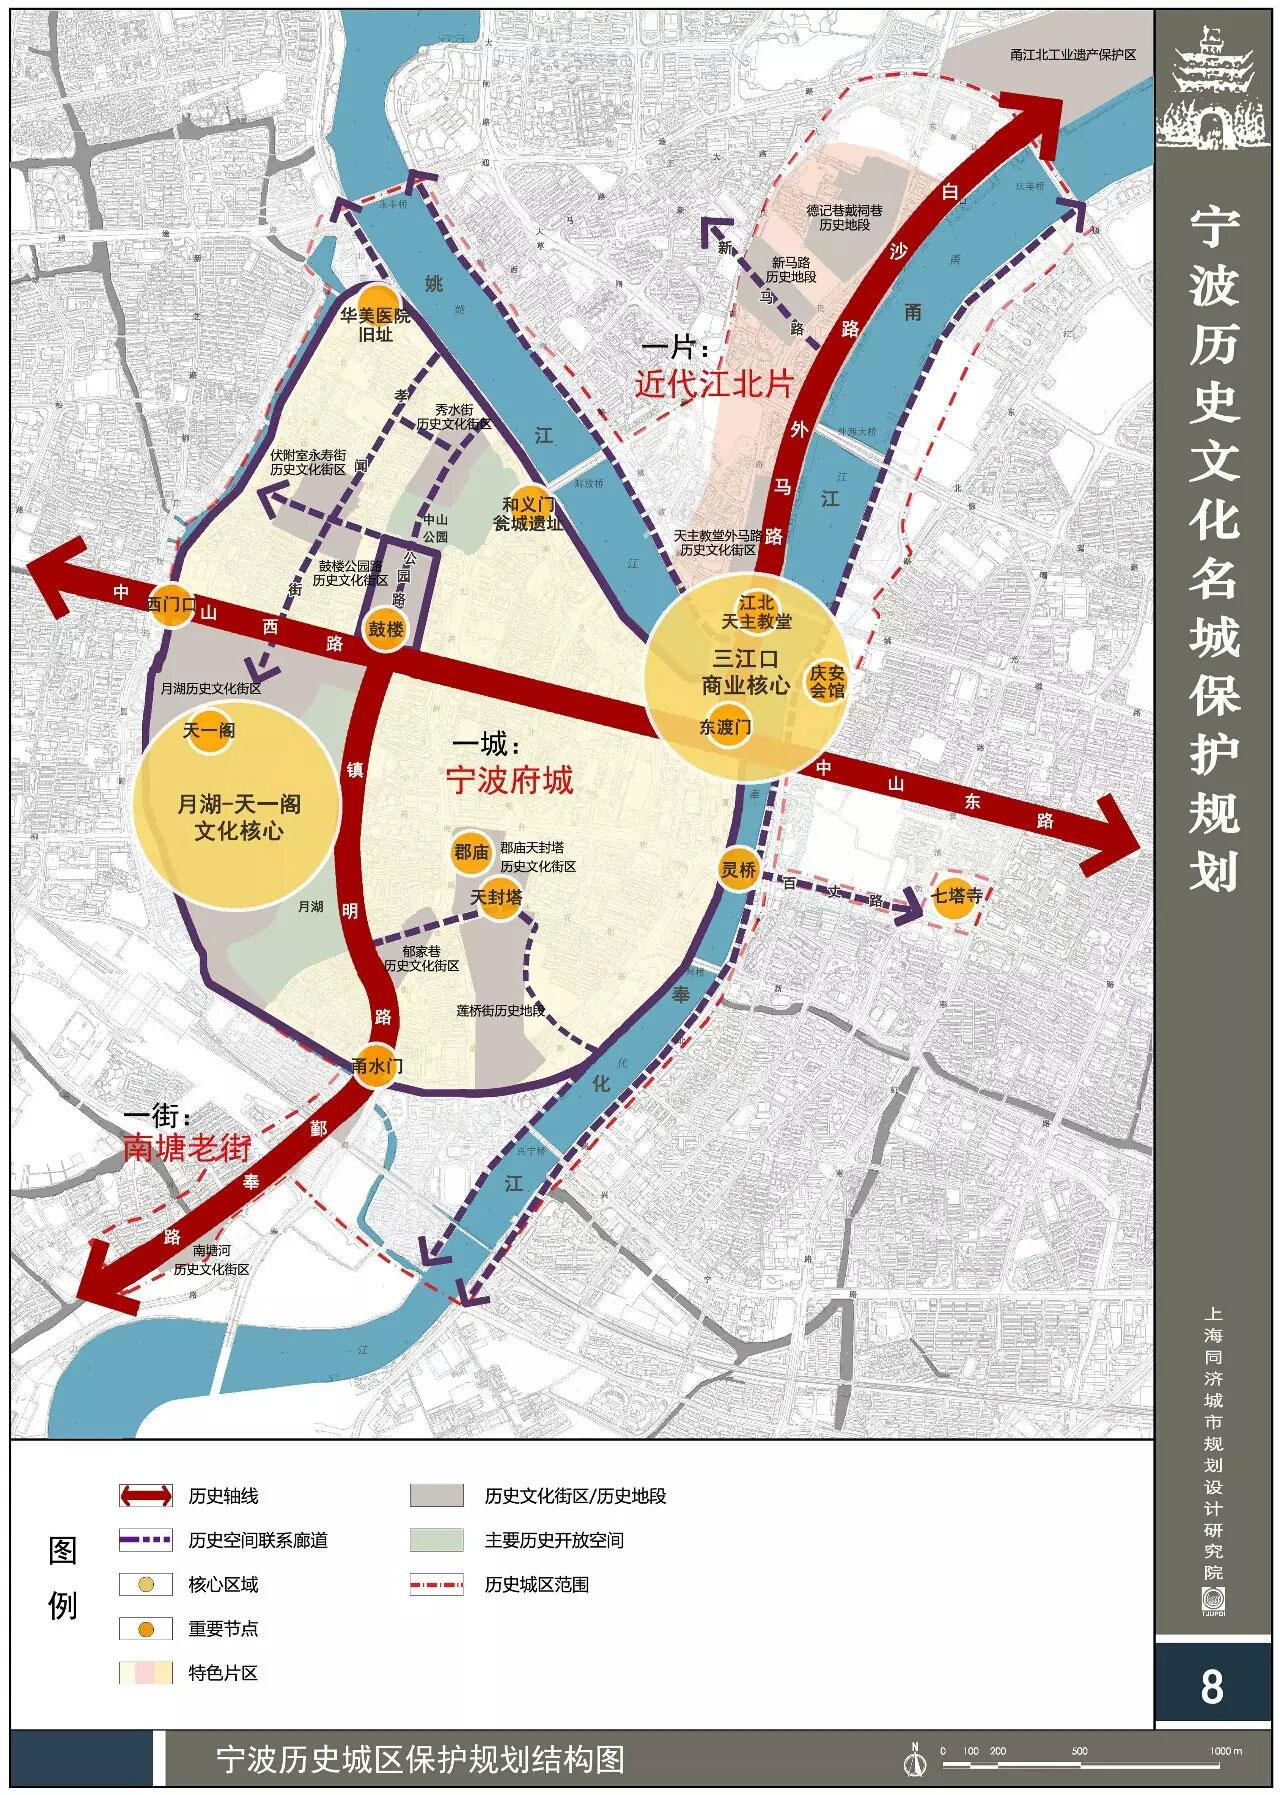 宁波鼓楼手绘地图